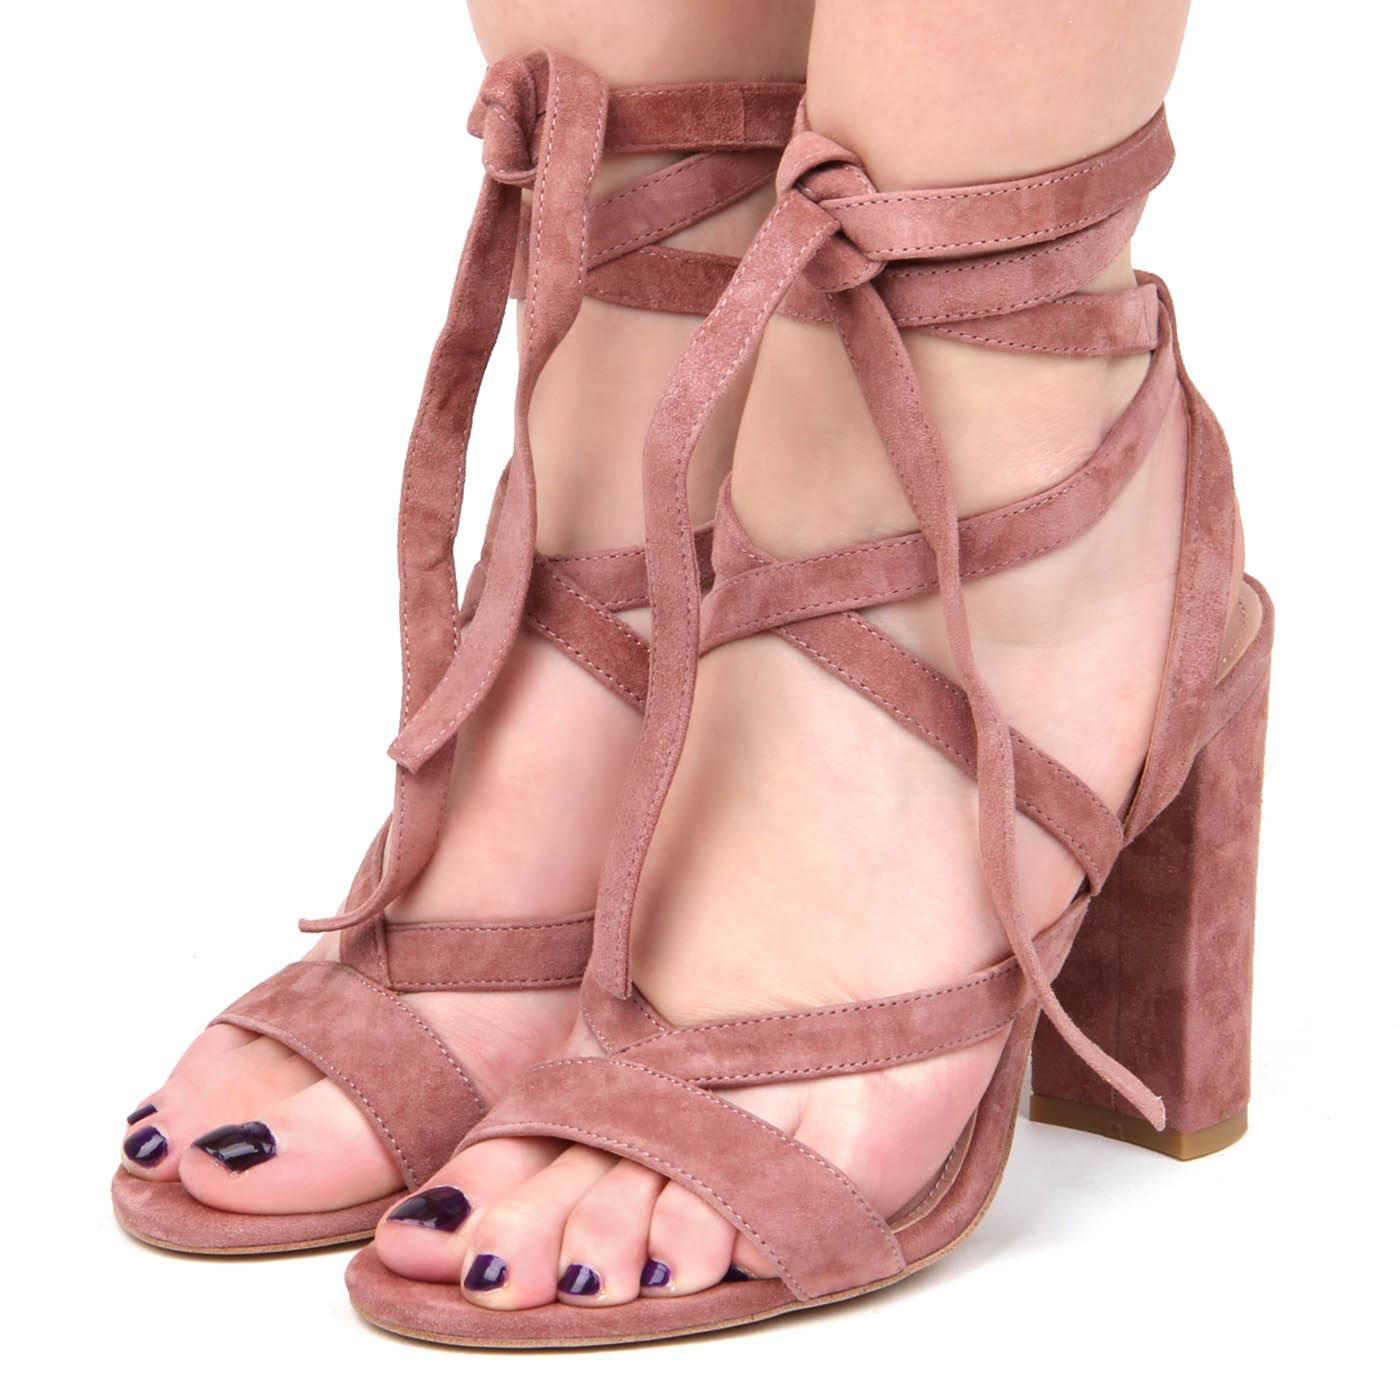 Босоніжки жіночі ditto 6387 Рожевий купить по выгодной цене в ... 057e829ecfe3c